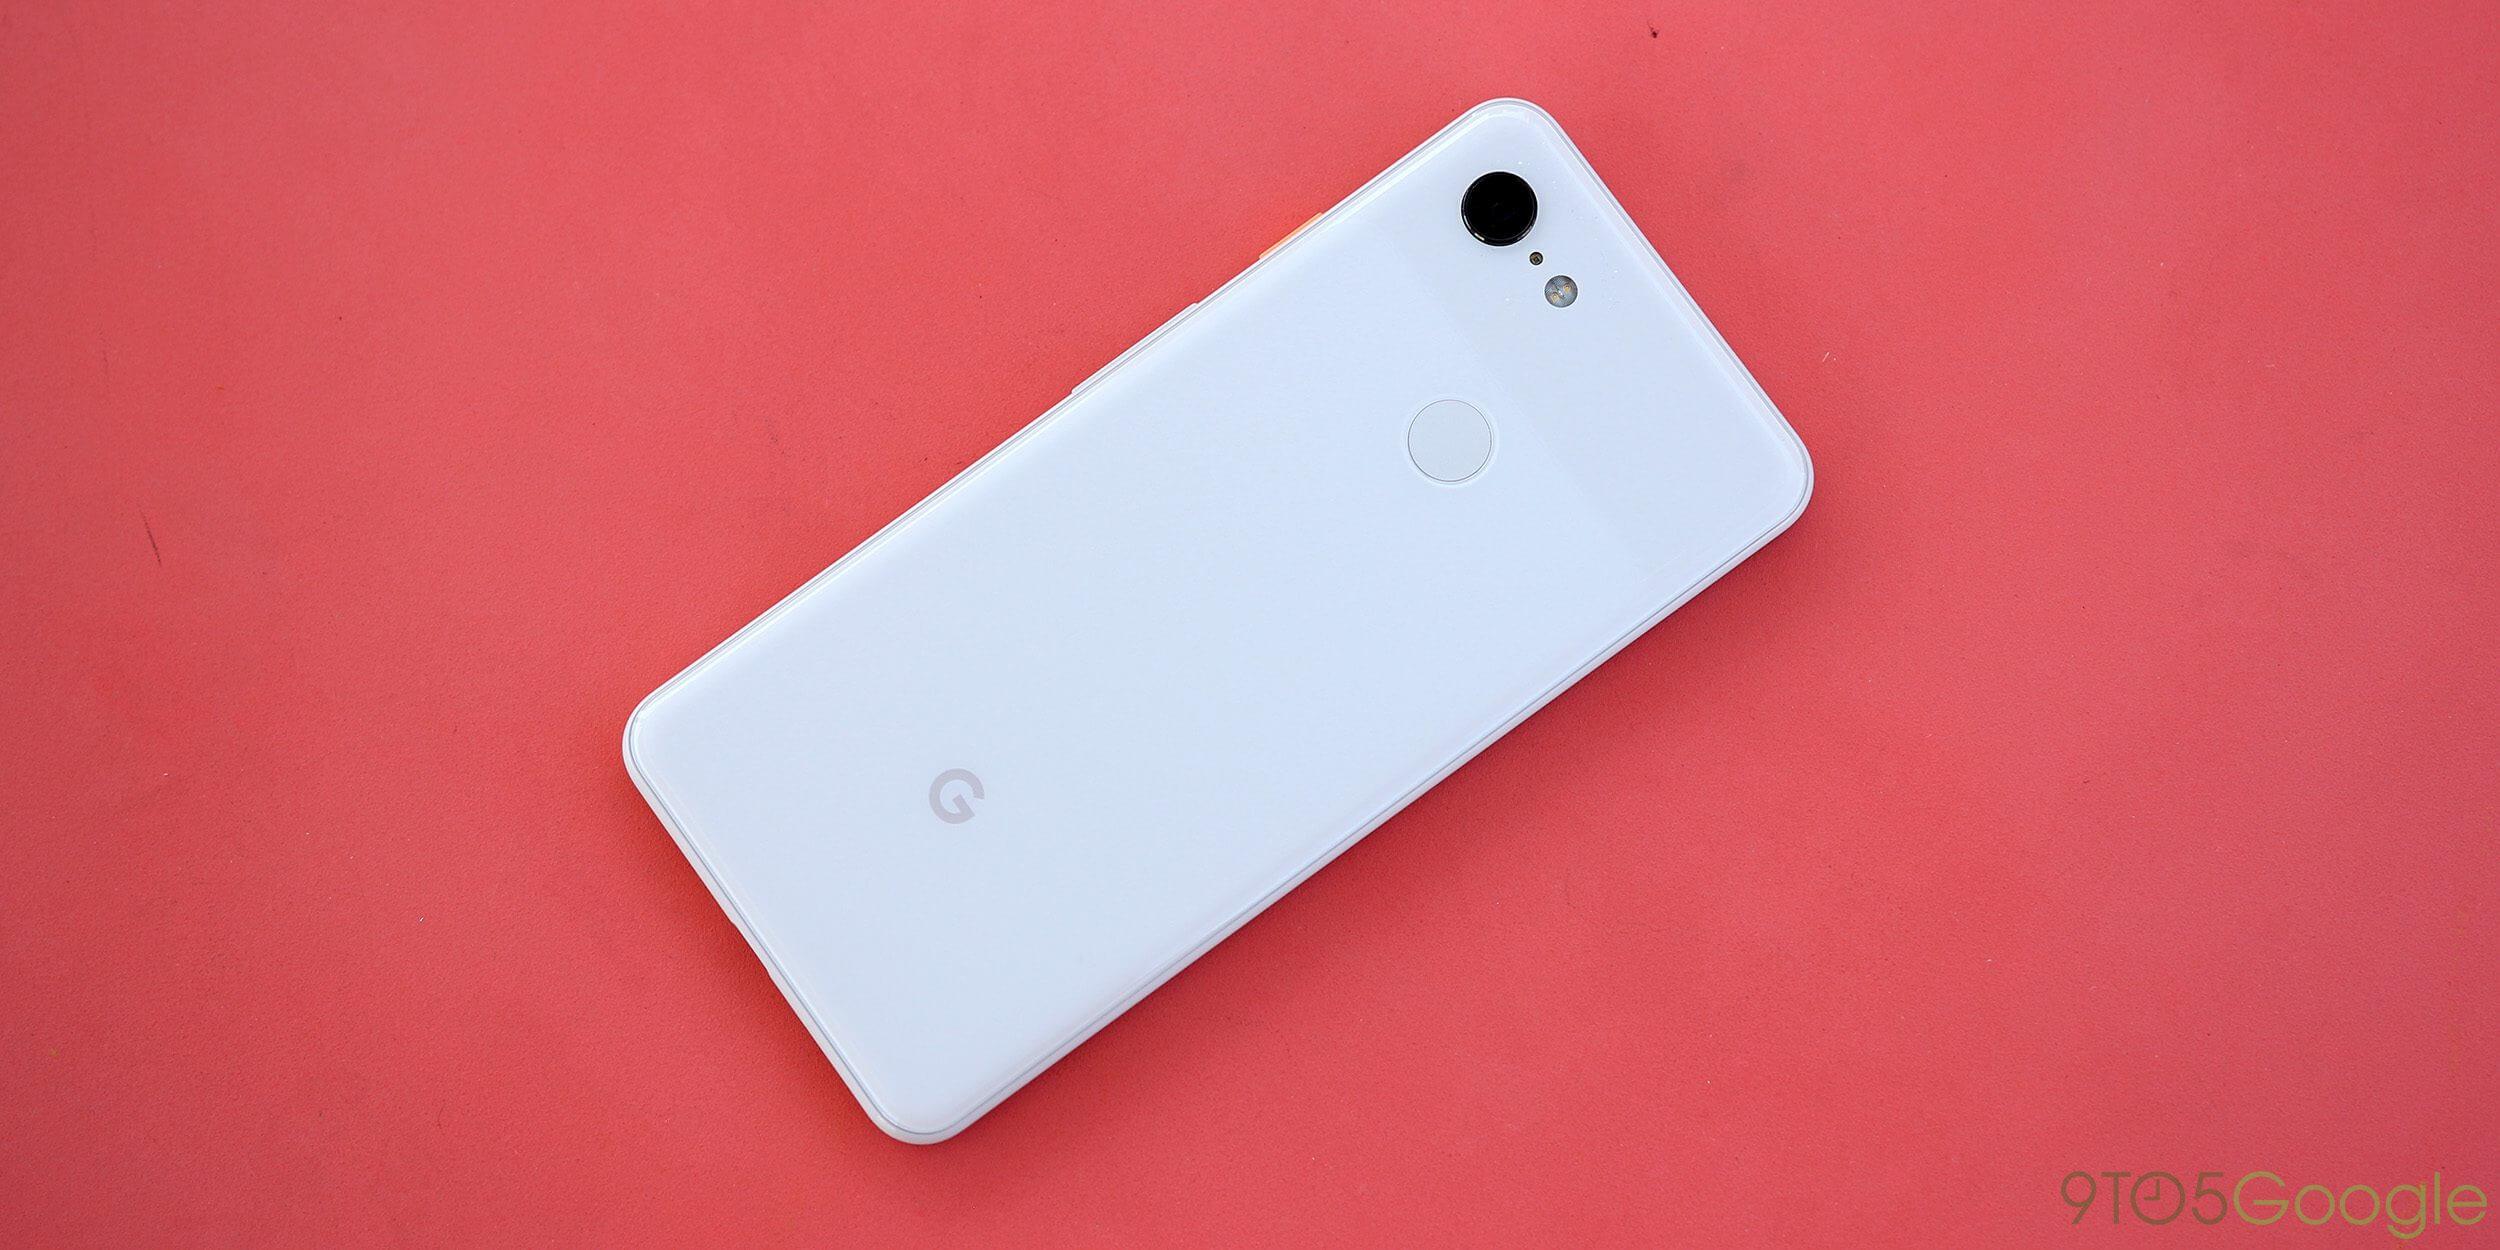 独立开发者参与开发,Google Pixel 3 XL 将可运行 Fuchsia 系统